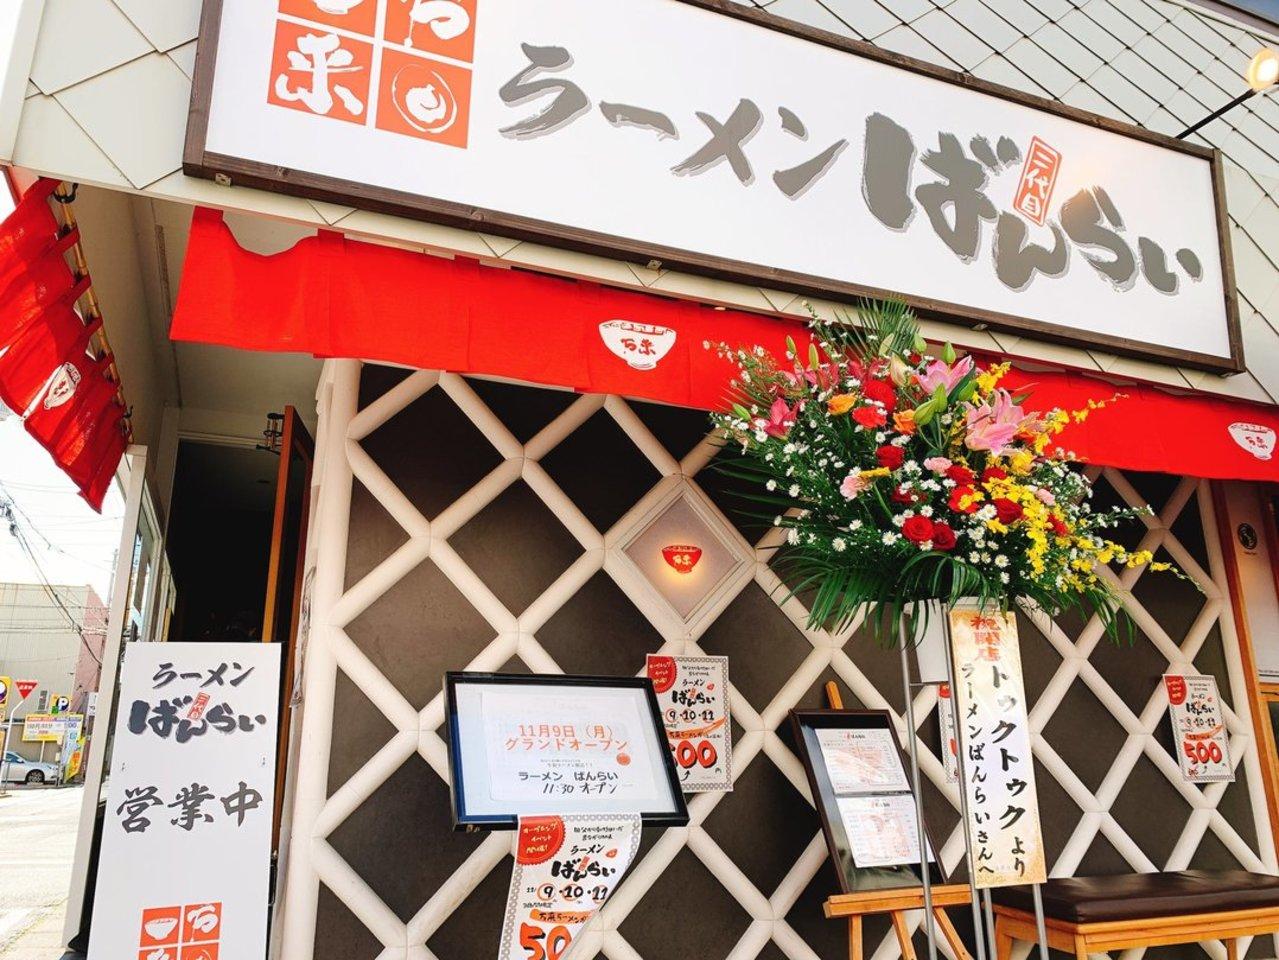 鳥取県米子市明治町に「ラーメンばんらい」が昨日オープンされたようです。